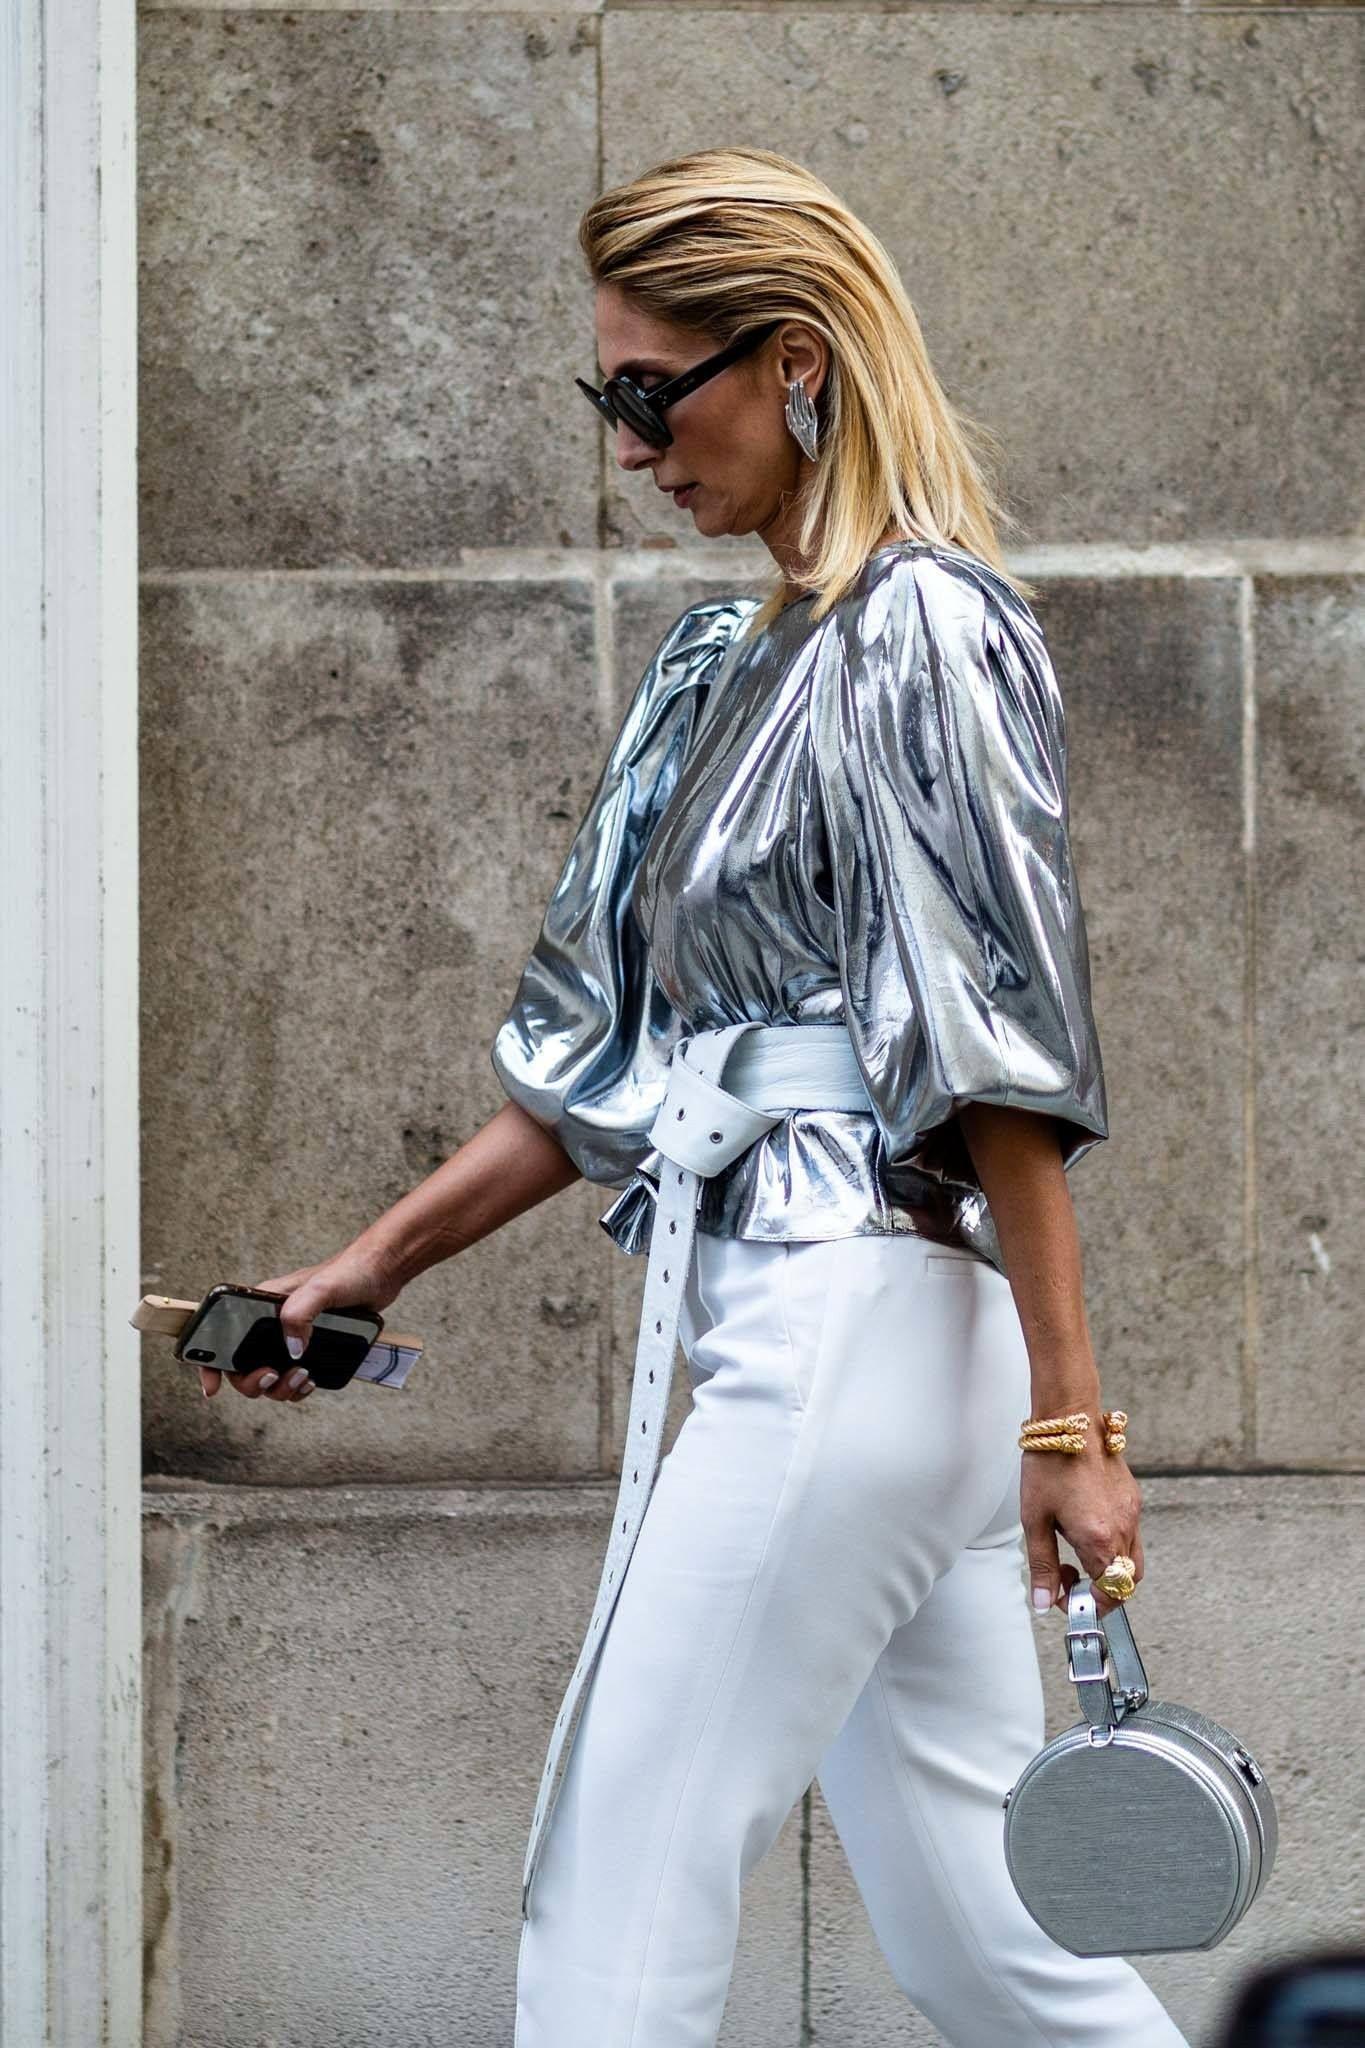 Saatnya Jadi Pusat Perhatian dengan Padu-padan Baju Silver